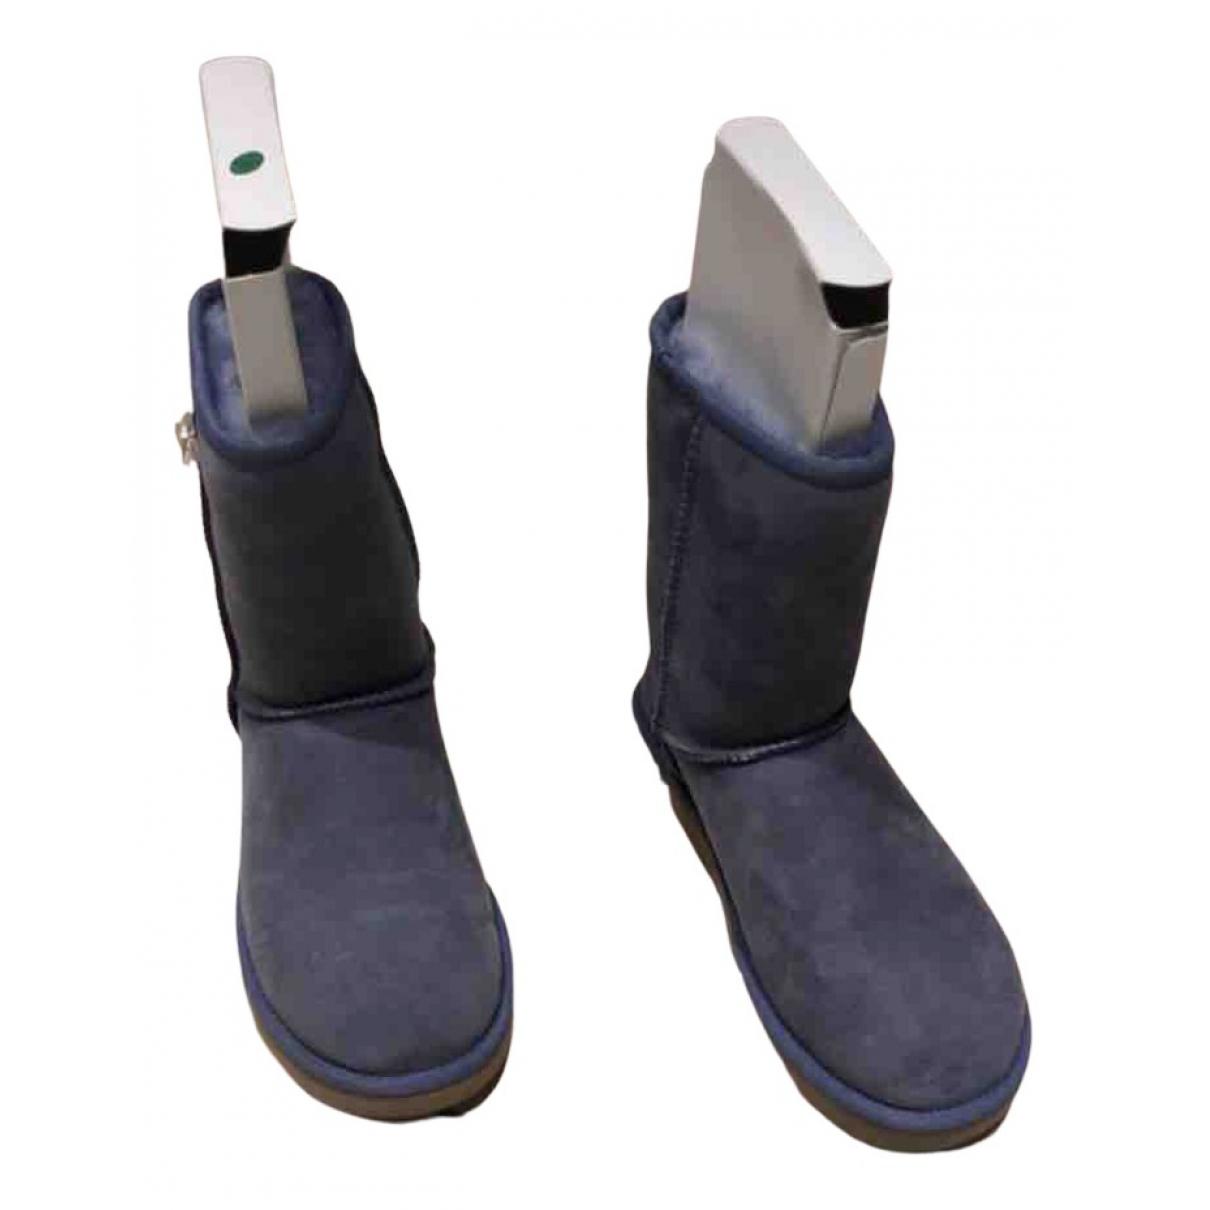 Ugg - Bottes   pour femme en fourrure - bleu